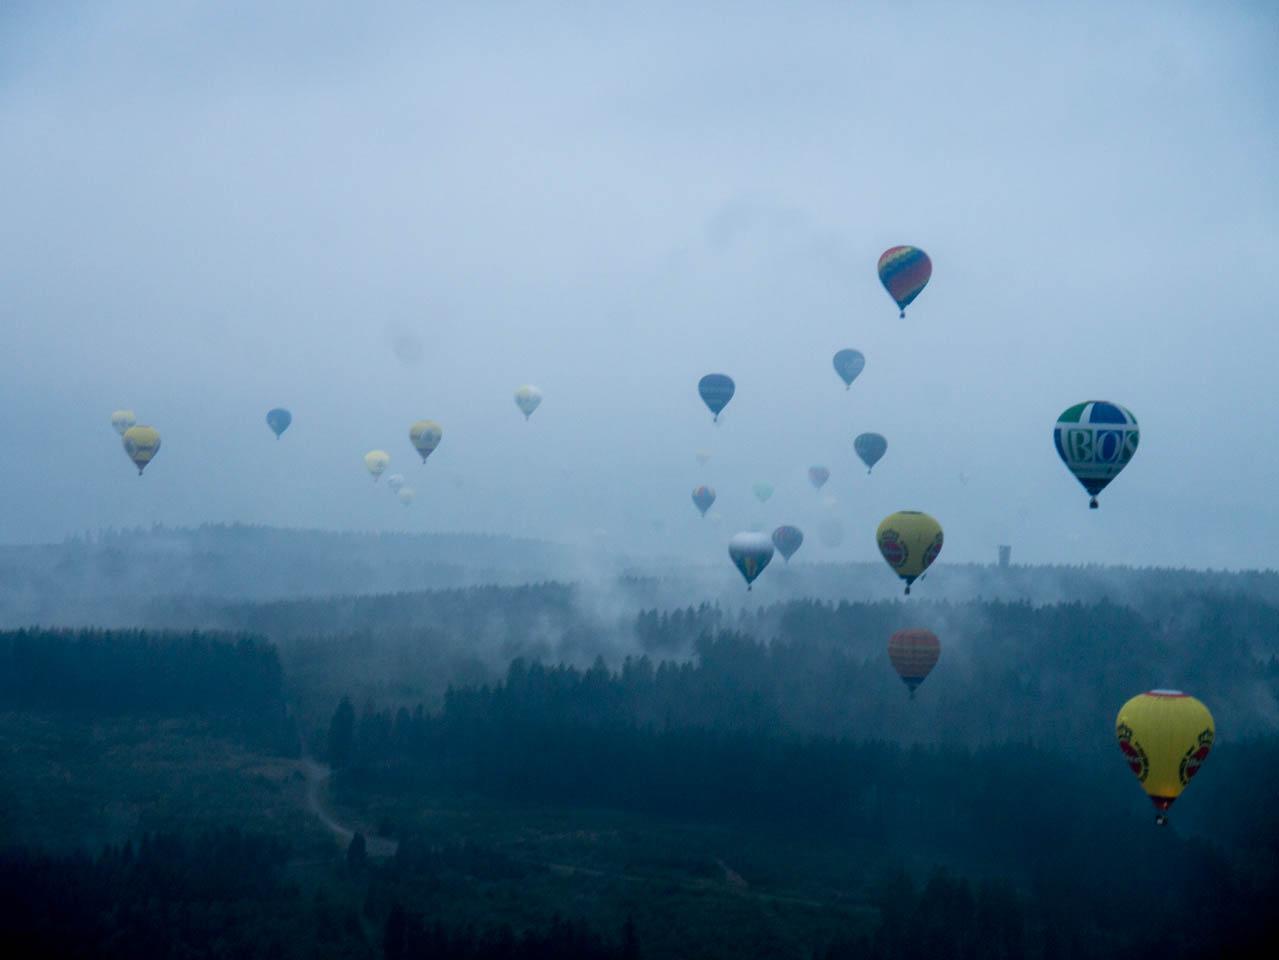 Ballone über sauerländer Nebel 2 (1 von 1)